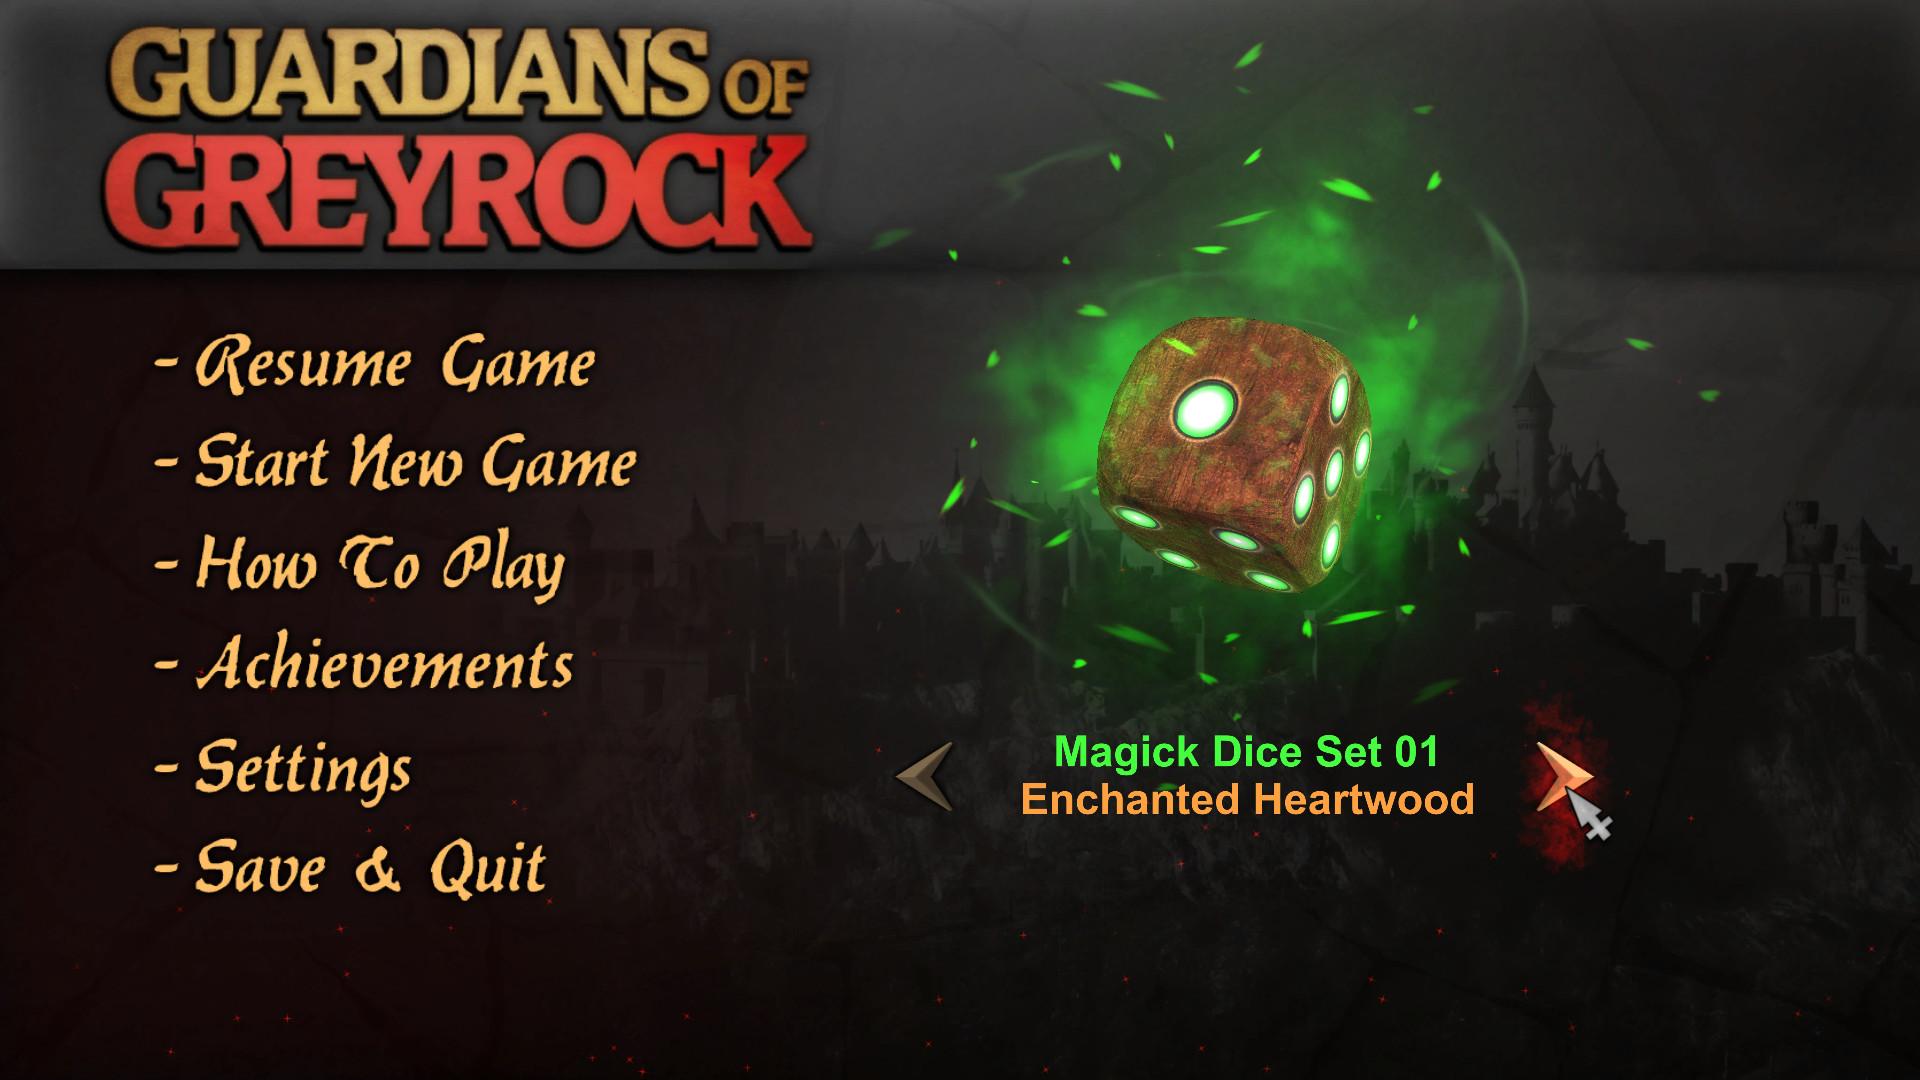 Guardians of Greyrock - Dice Pack: Magick Set 01 screenshot